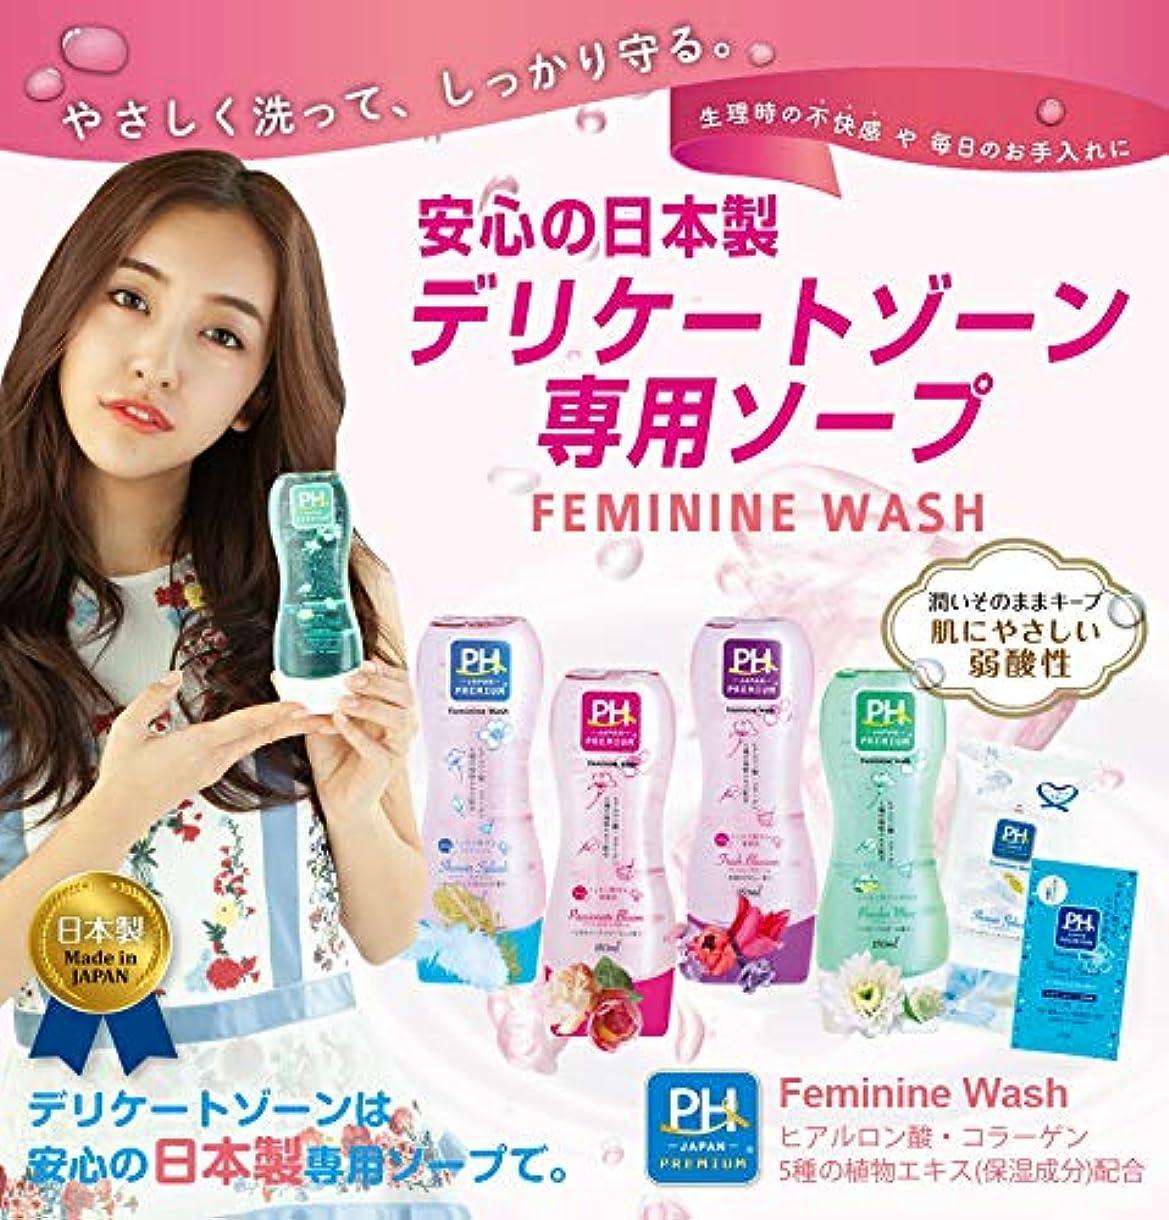 ホイップバック昼間PH JAPAN プレミアム フェミニンウォッシュ パッショネイトブルーム150ml上品なローズフローラルの香り 3本セット